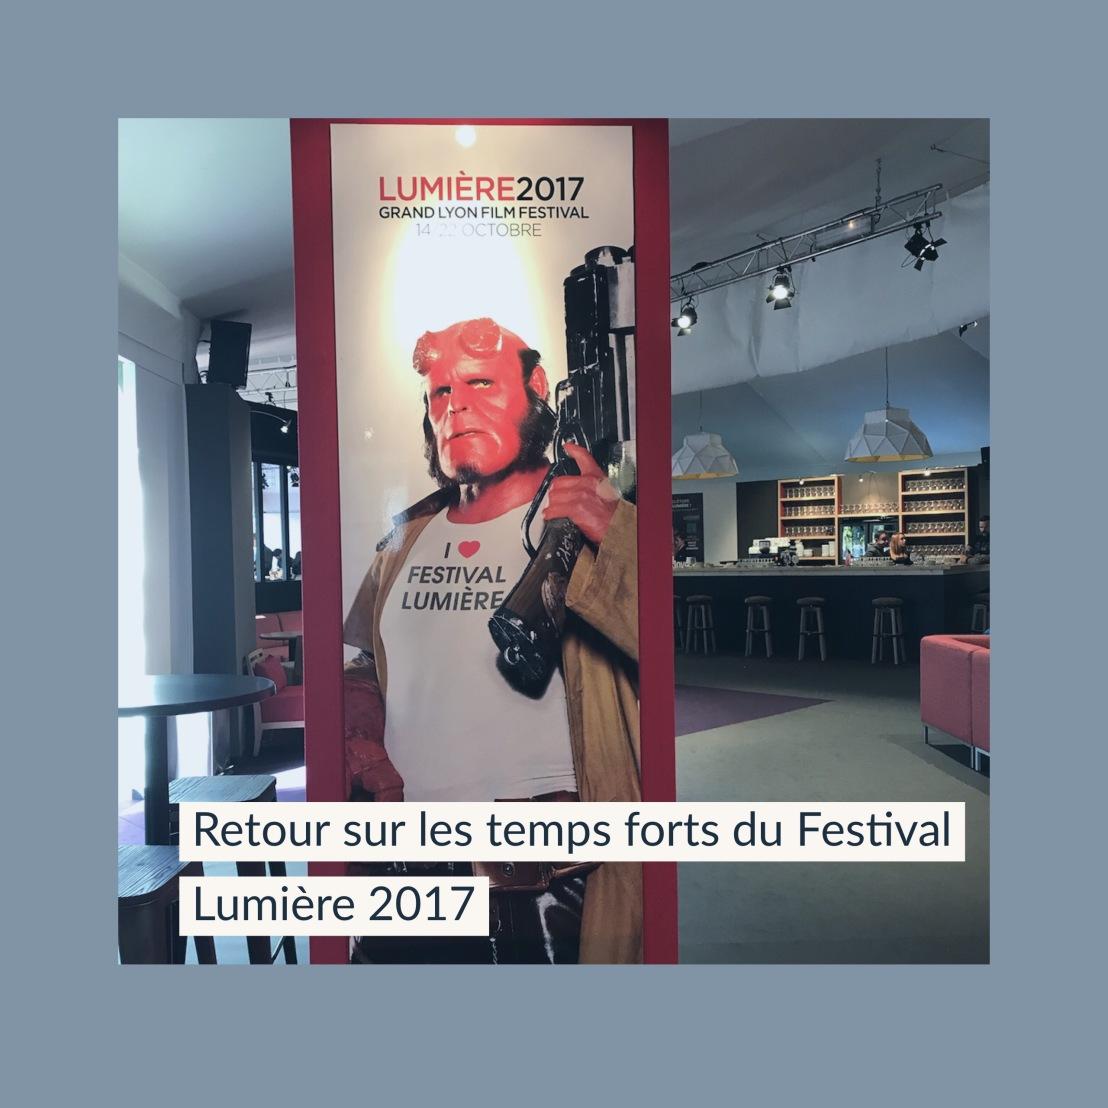 Festival lumière 2017 : La cérémonie d'ouverture bat sonplein